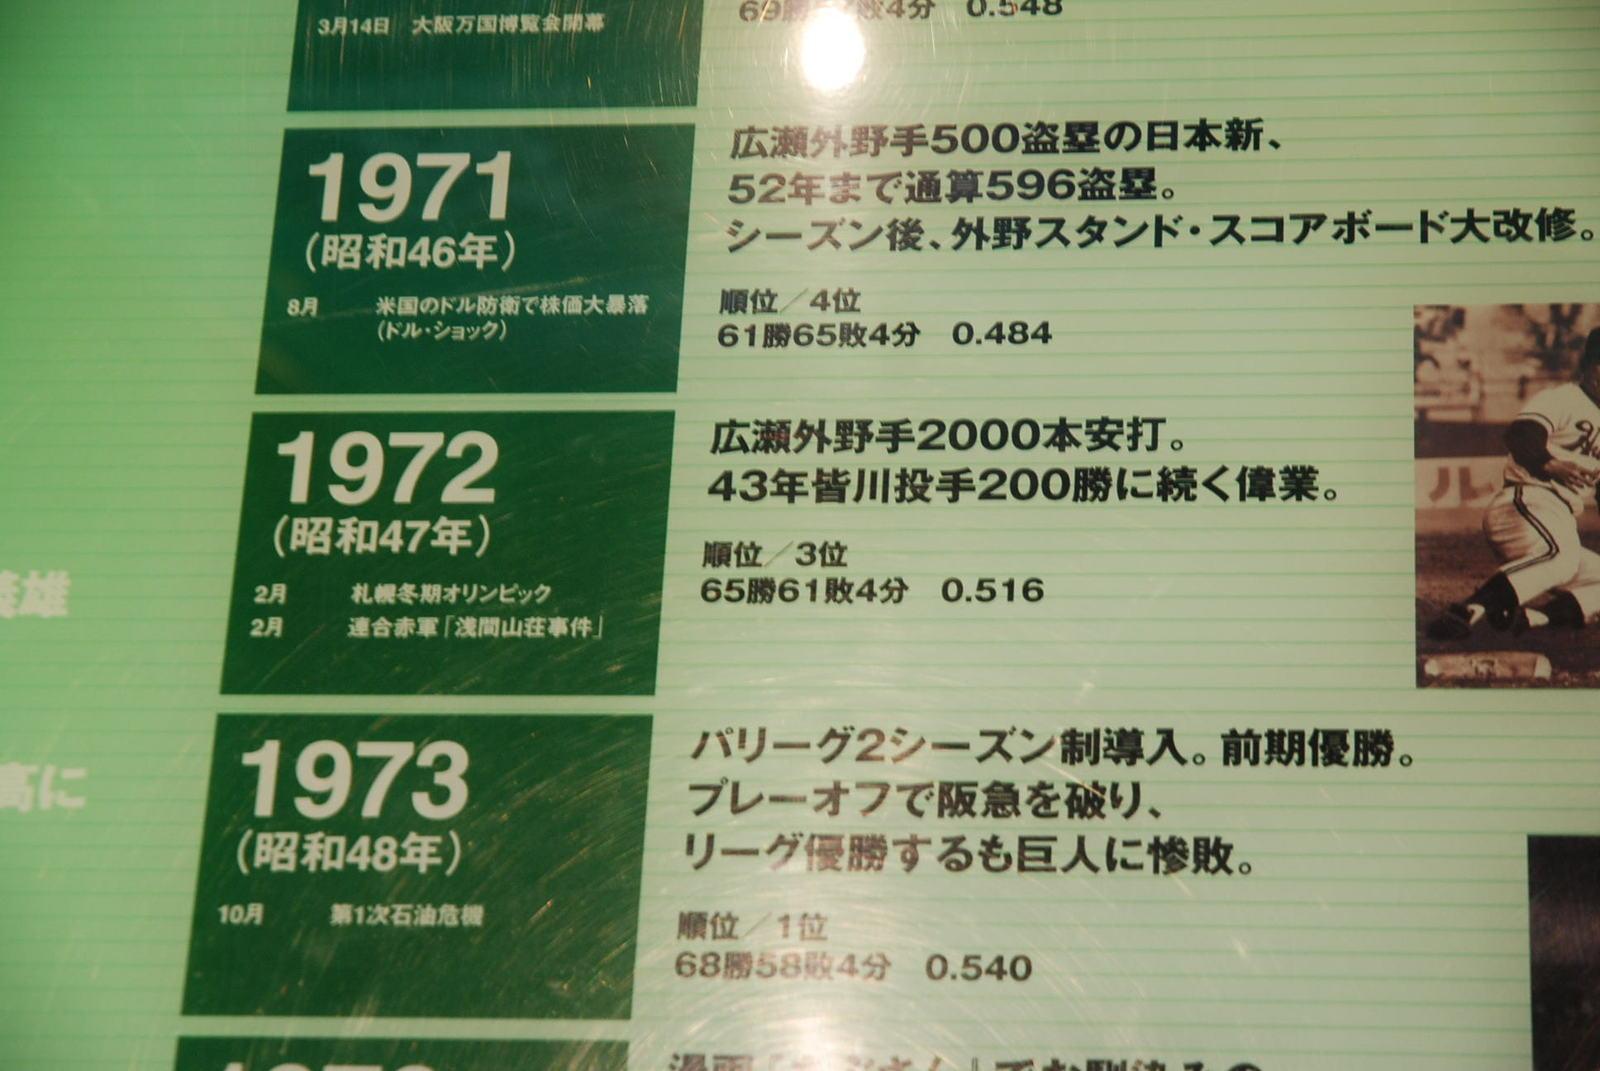 Dsc_19730228